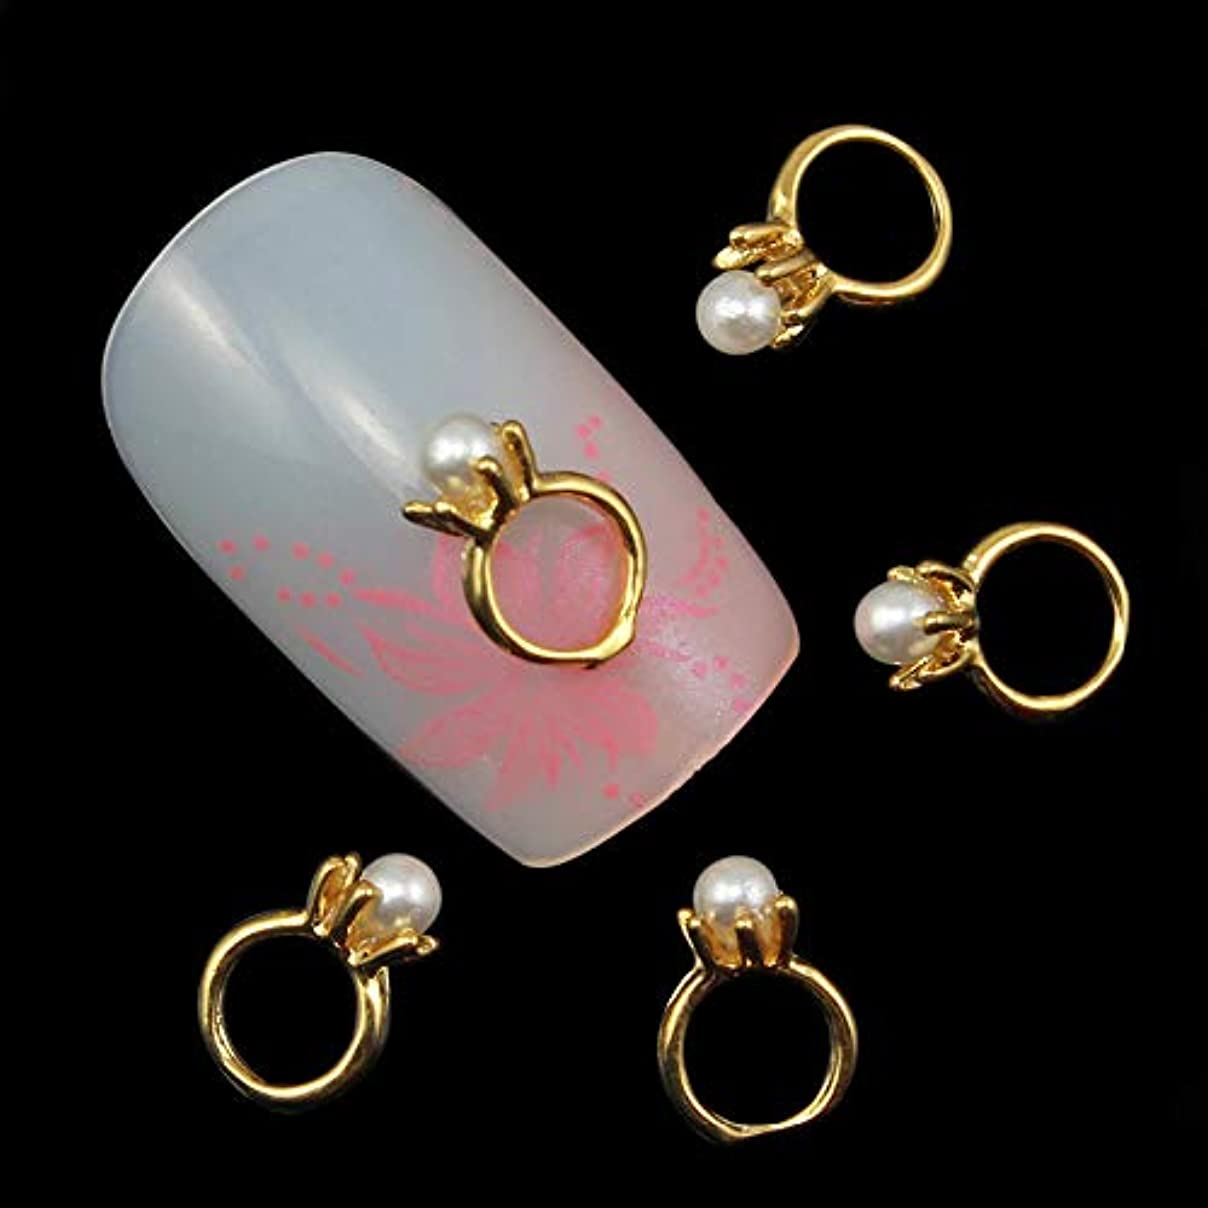 トンネルまどろみのあるボクシング10個入りの3Dネイルアートのラインストーンのデコレーションパールゴールドリング形状ネイルのヒントネイルジェルツールサプライヤのセックス製品